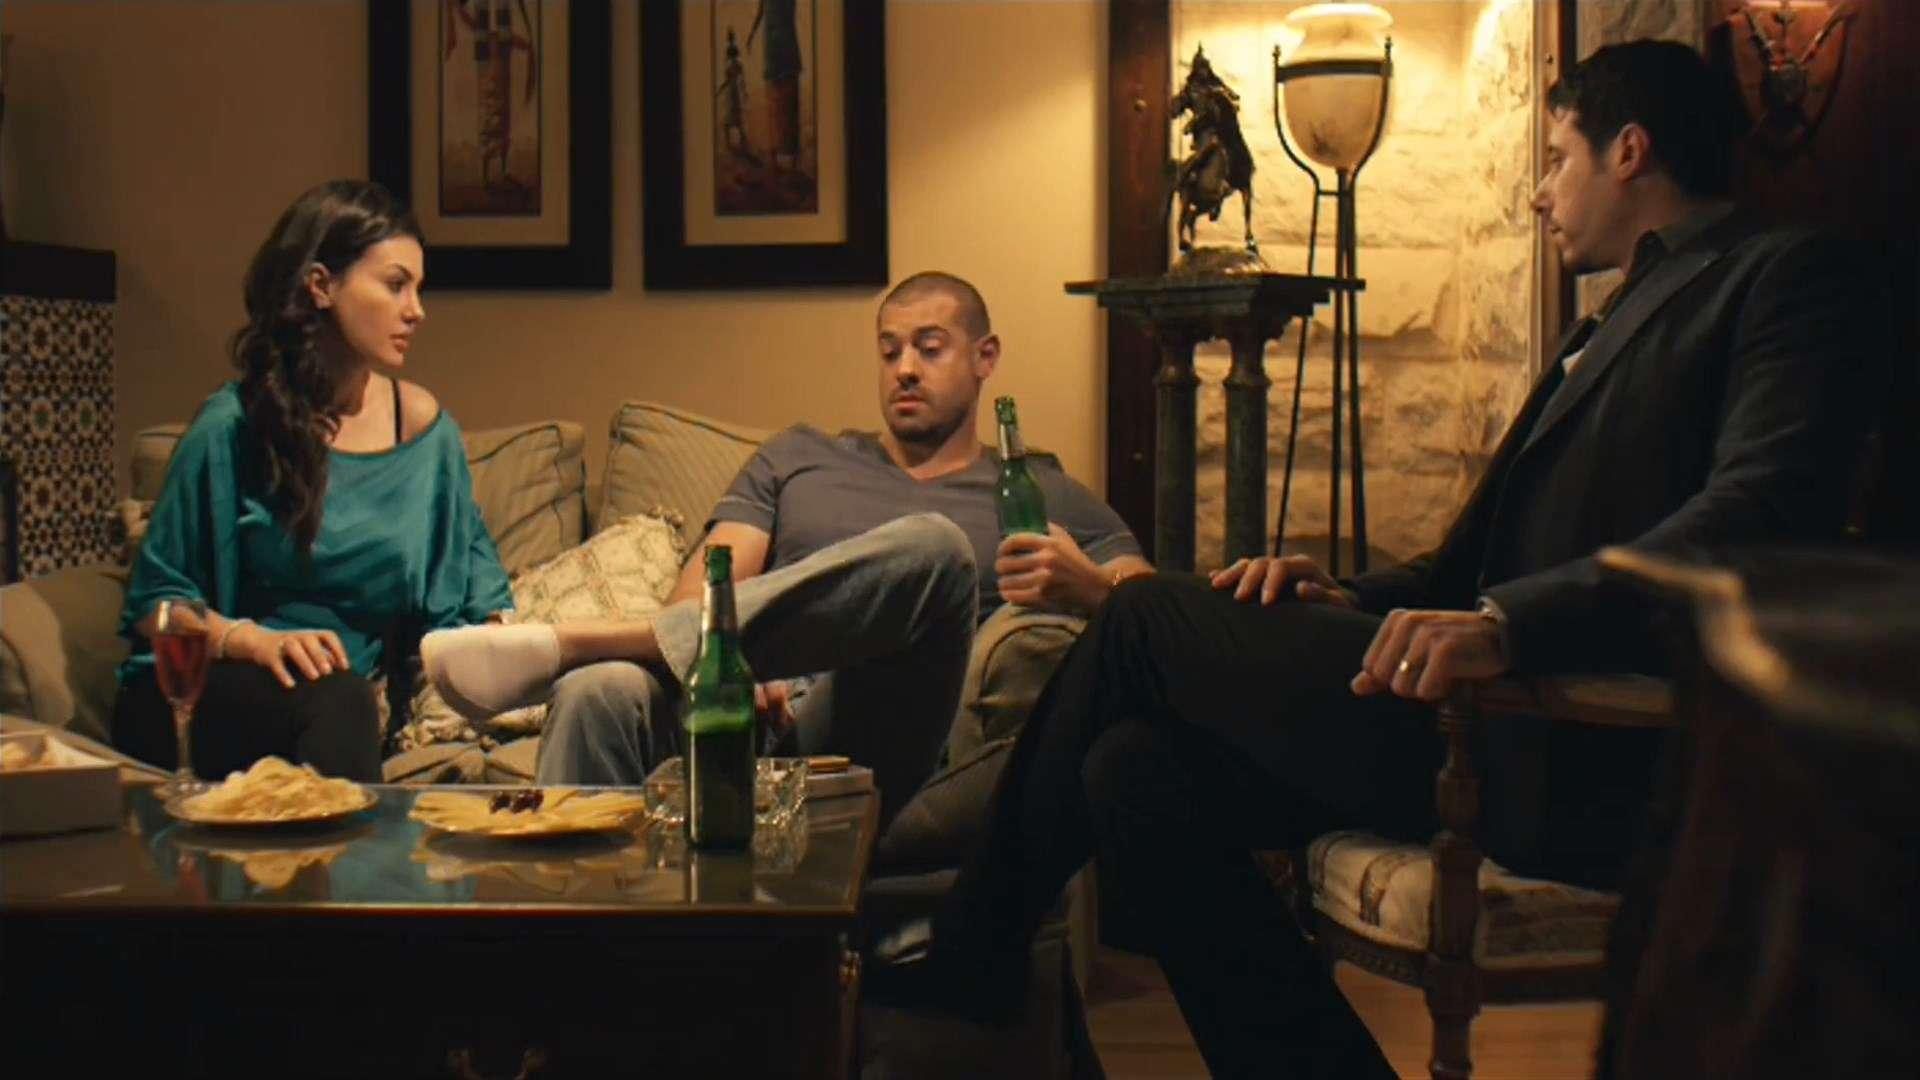 [فيلم][تورنت][تحميل][برتيتا][2011][1080p][Web-DL] 4 arabp2p.com